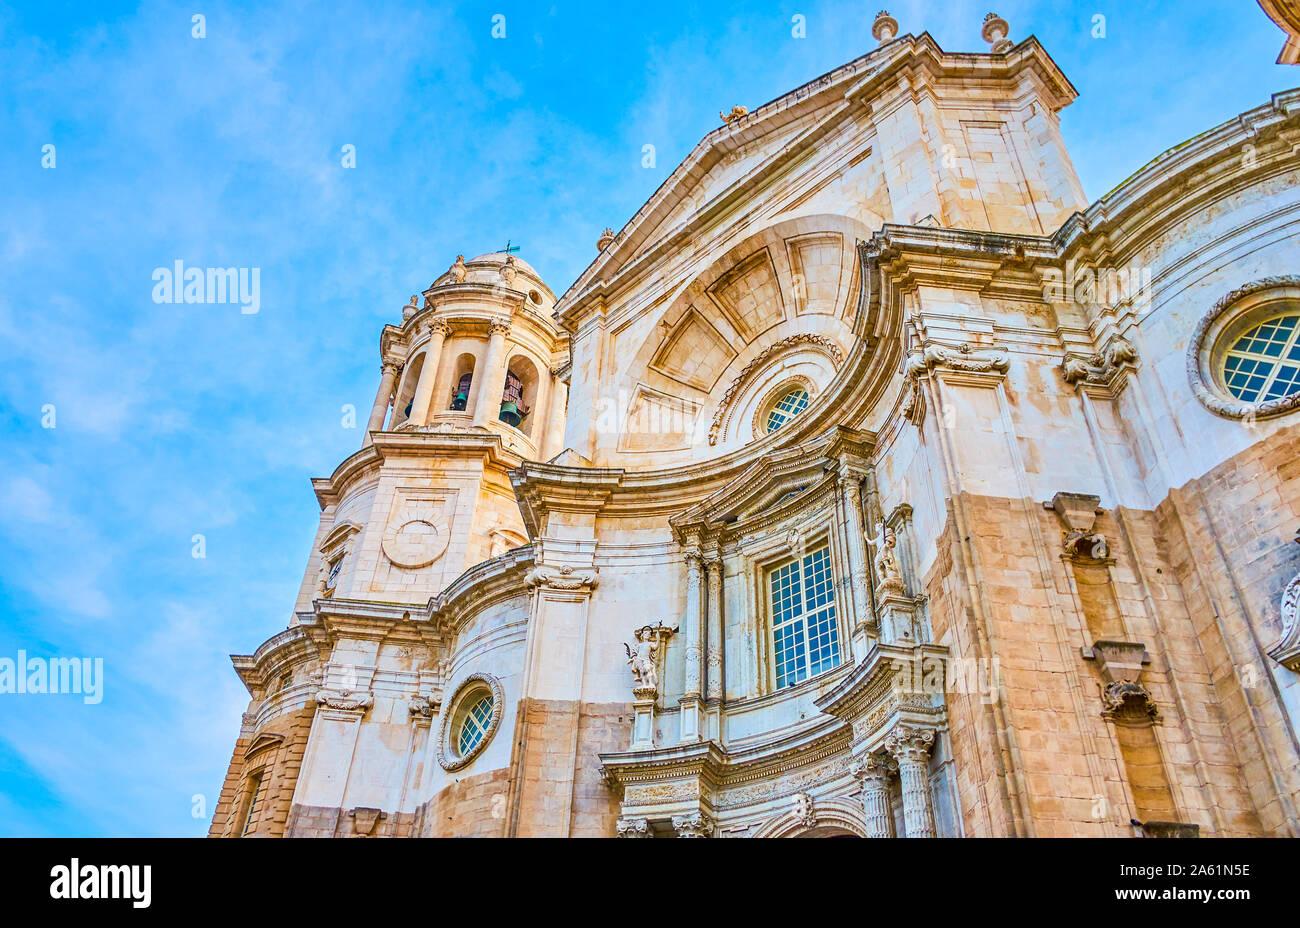 Magnifique façade en pierre de la Cathédrale de Cadix avec porche de forme convexe unique avec decorsative cerved sculptures et éléments, Espagne Banque D'Images